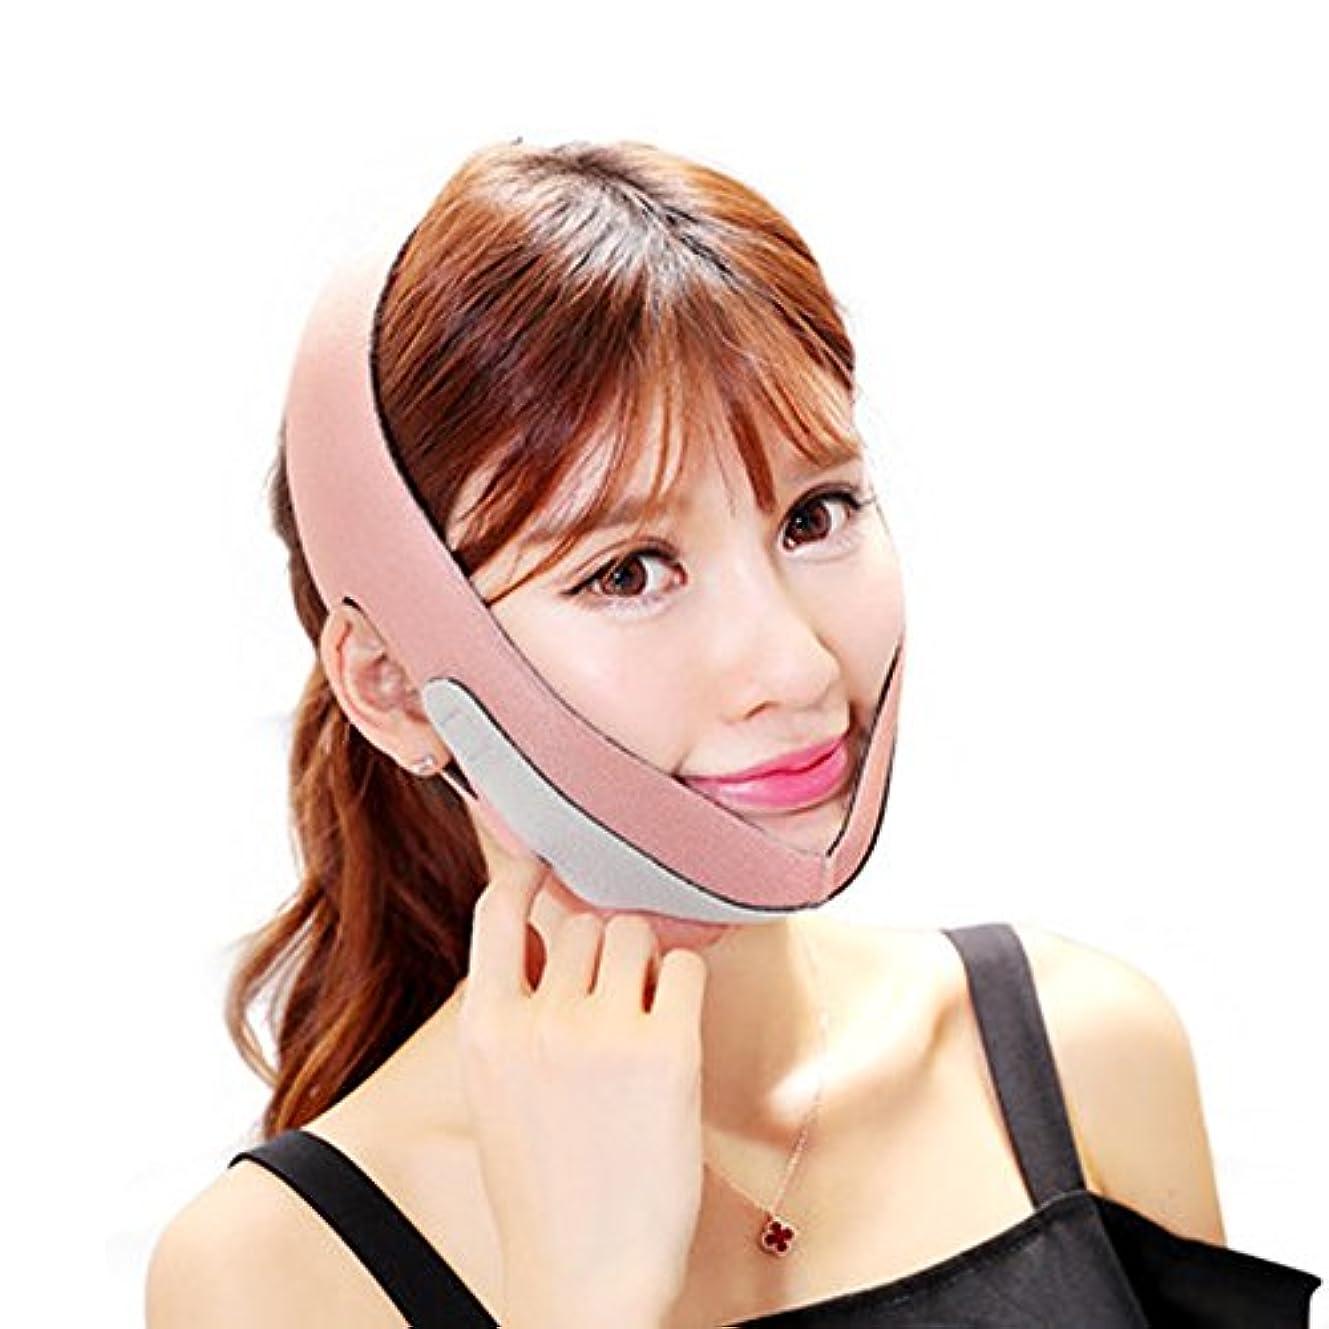 窒素快適取り戻すLittleliving 小顔 矯正 美顔 顔痩せ グッズ フェイス マスク ベルト コルセット メンズ サポーター